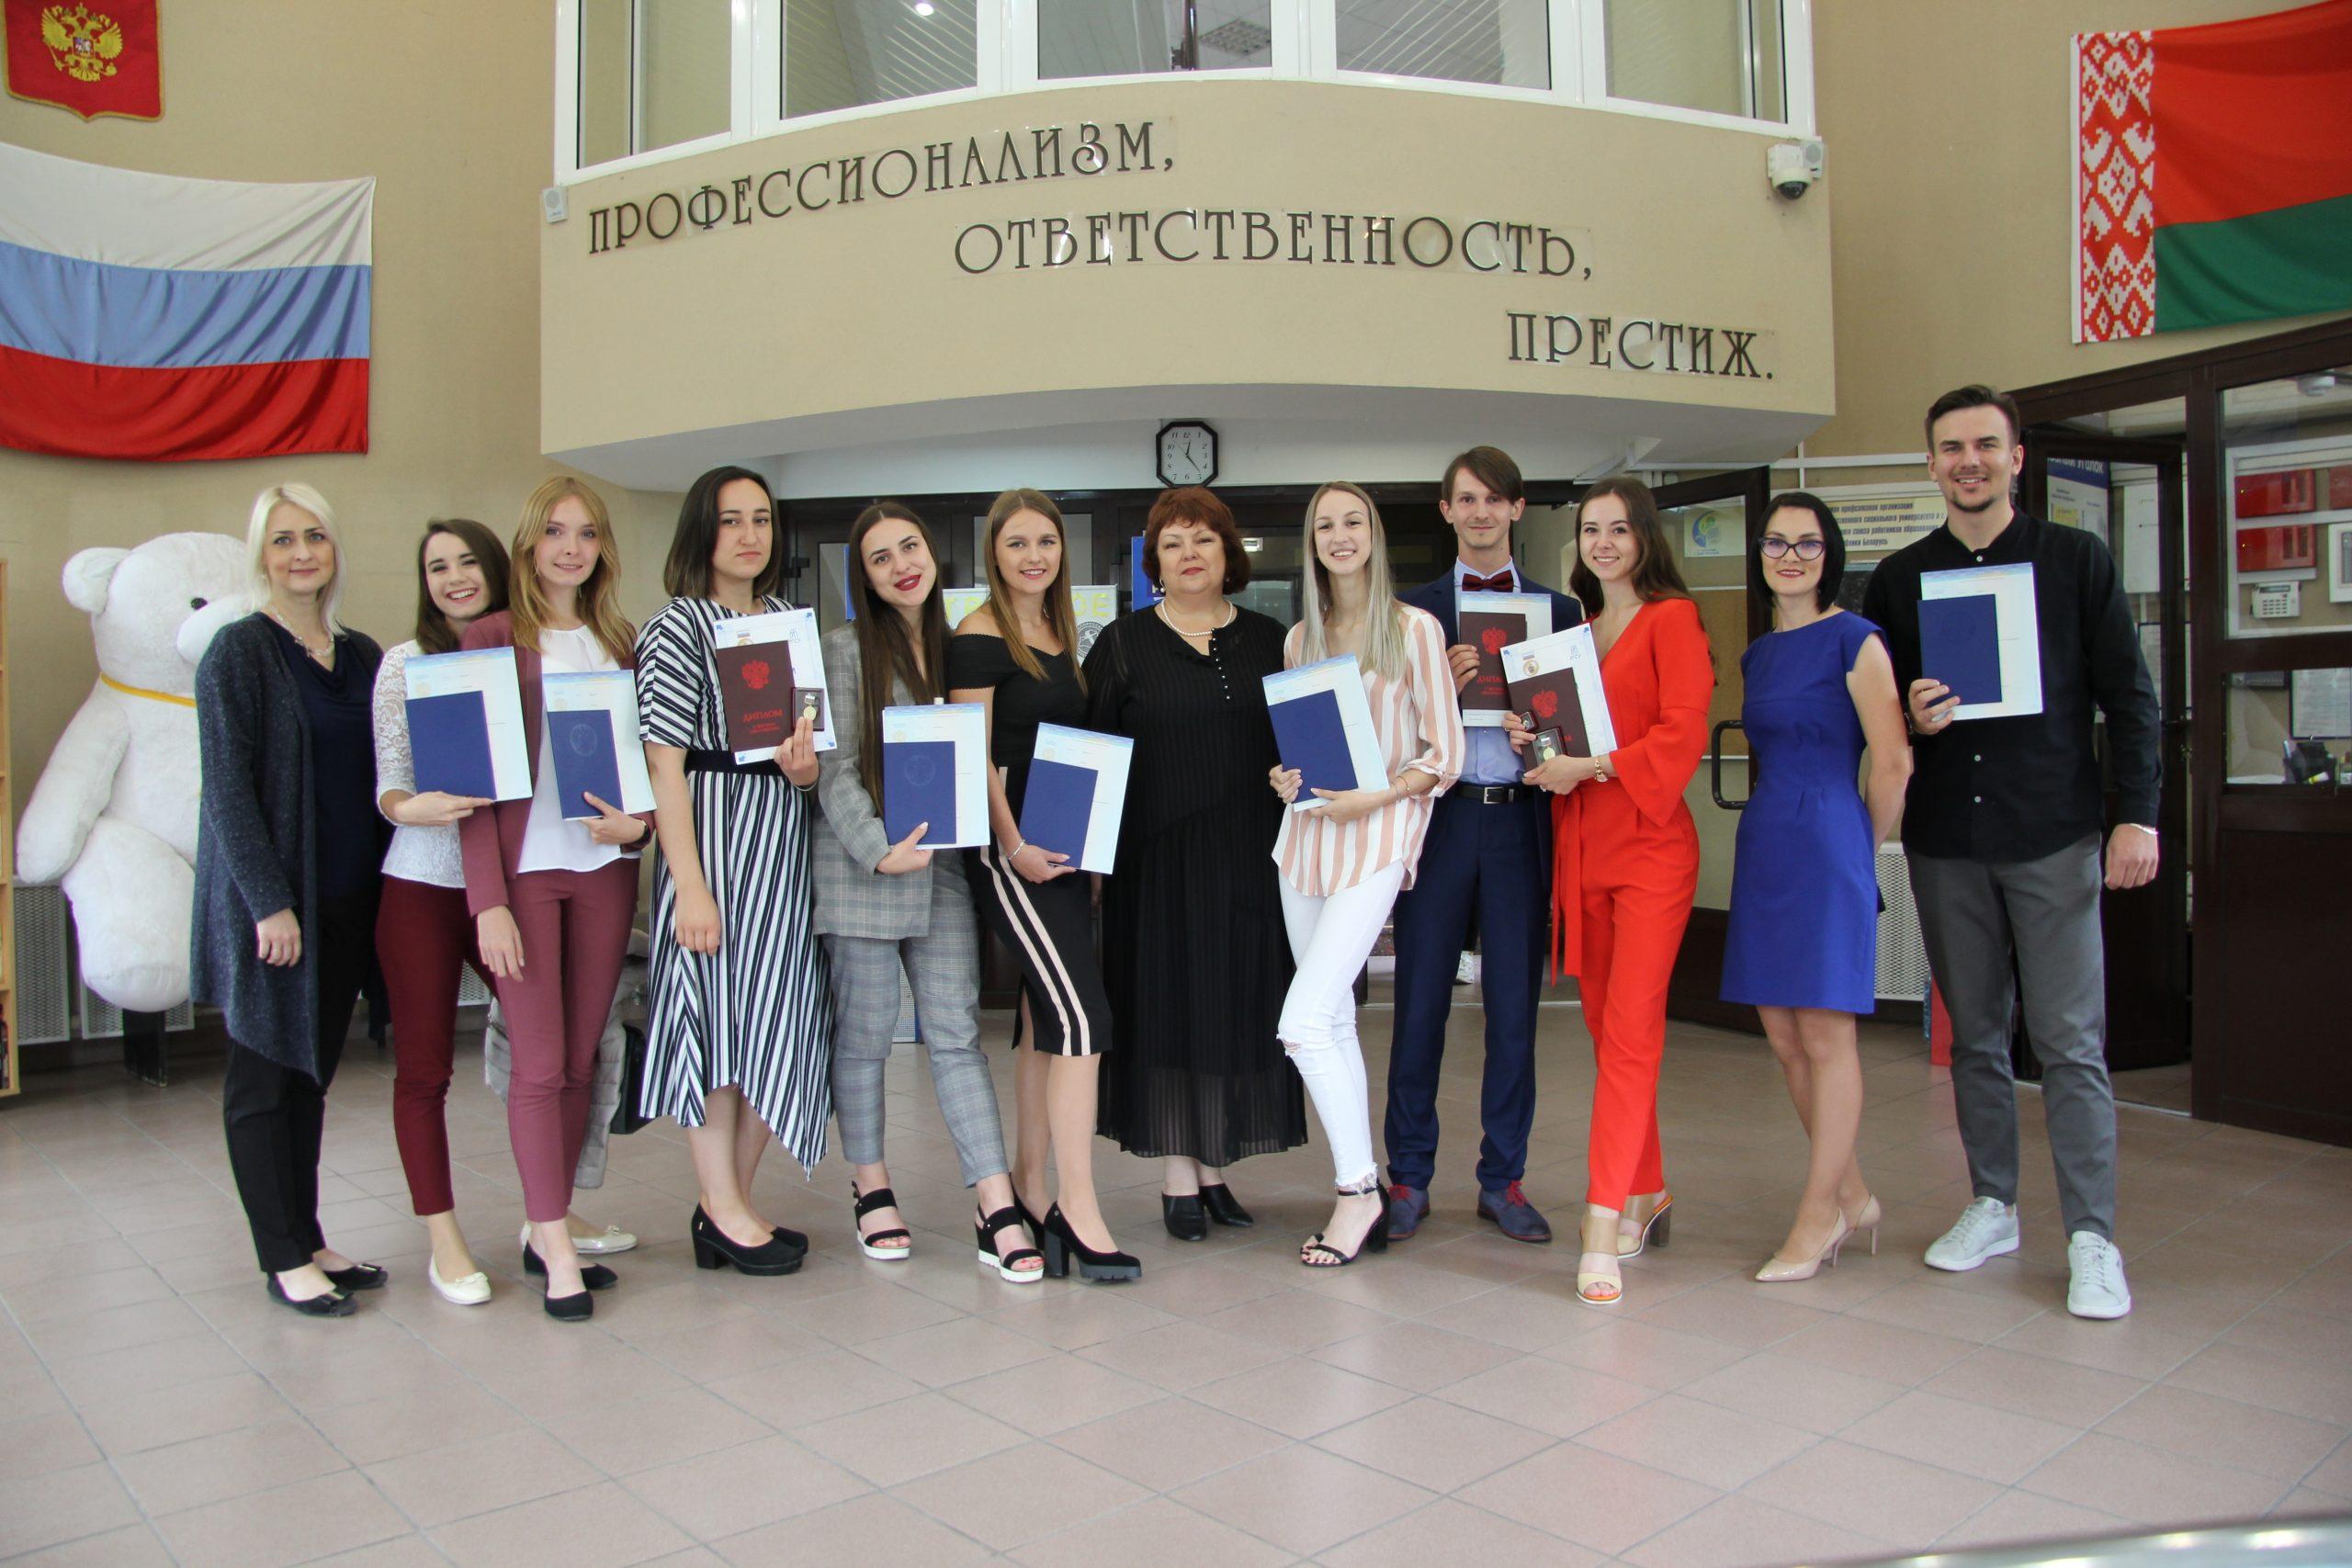 Минский ВУЗ, где учатся по российским стандартам